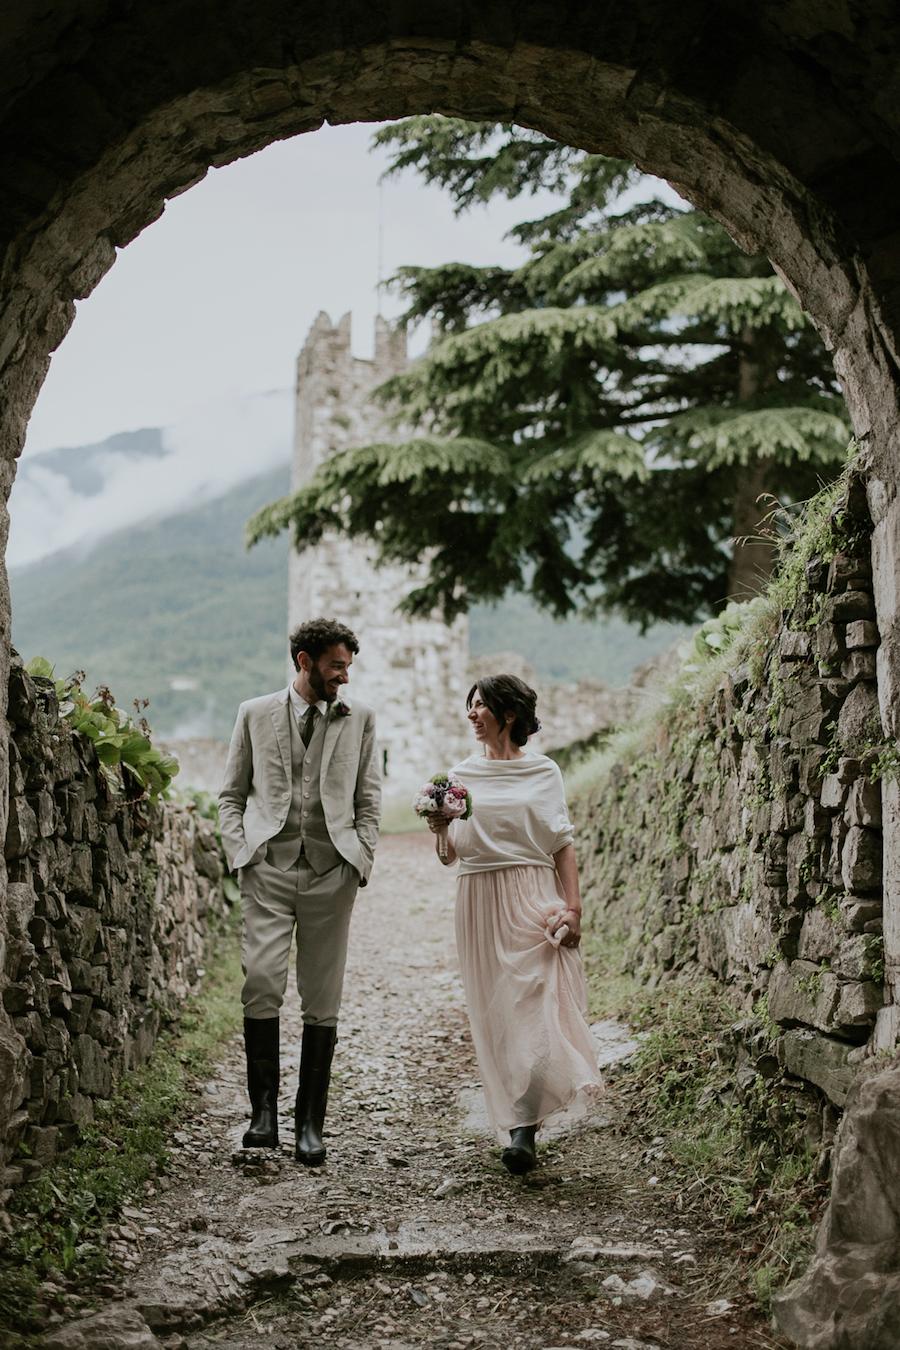 Matrimonio In Un Castello : Un matrimonio vegano al castello di breno wedding wonderland